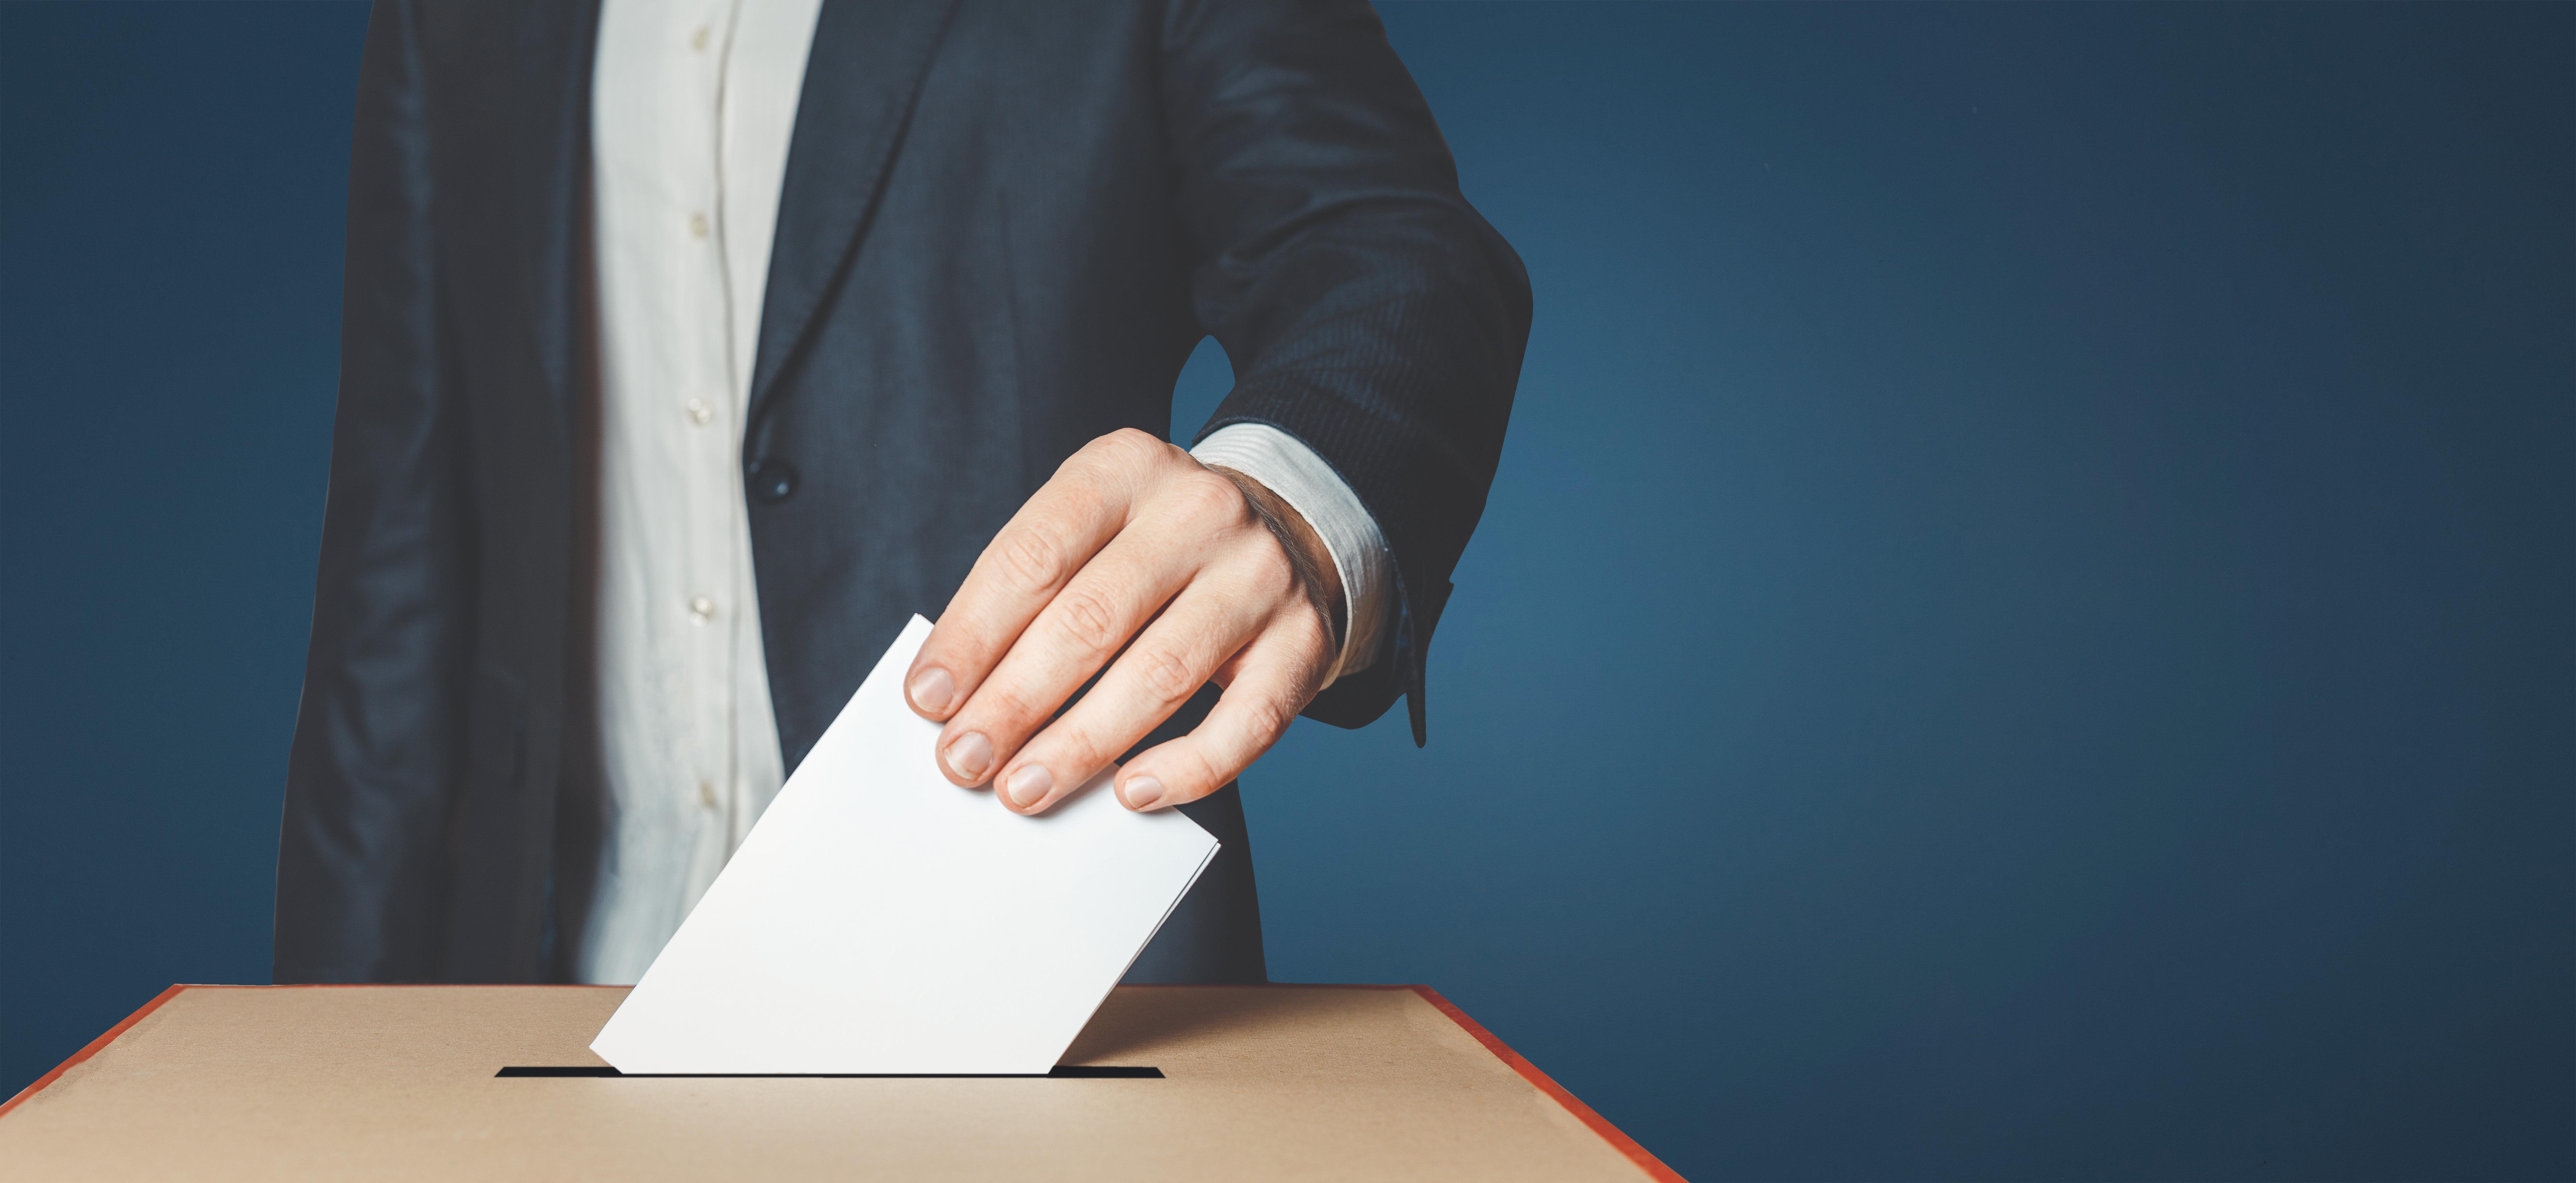 統一地方選、後半戦開始 7日の投開票では平均投票率が戦後最低記録